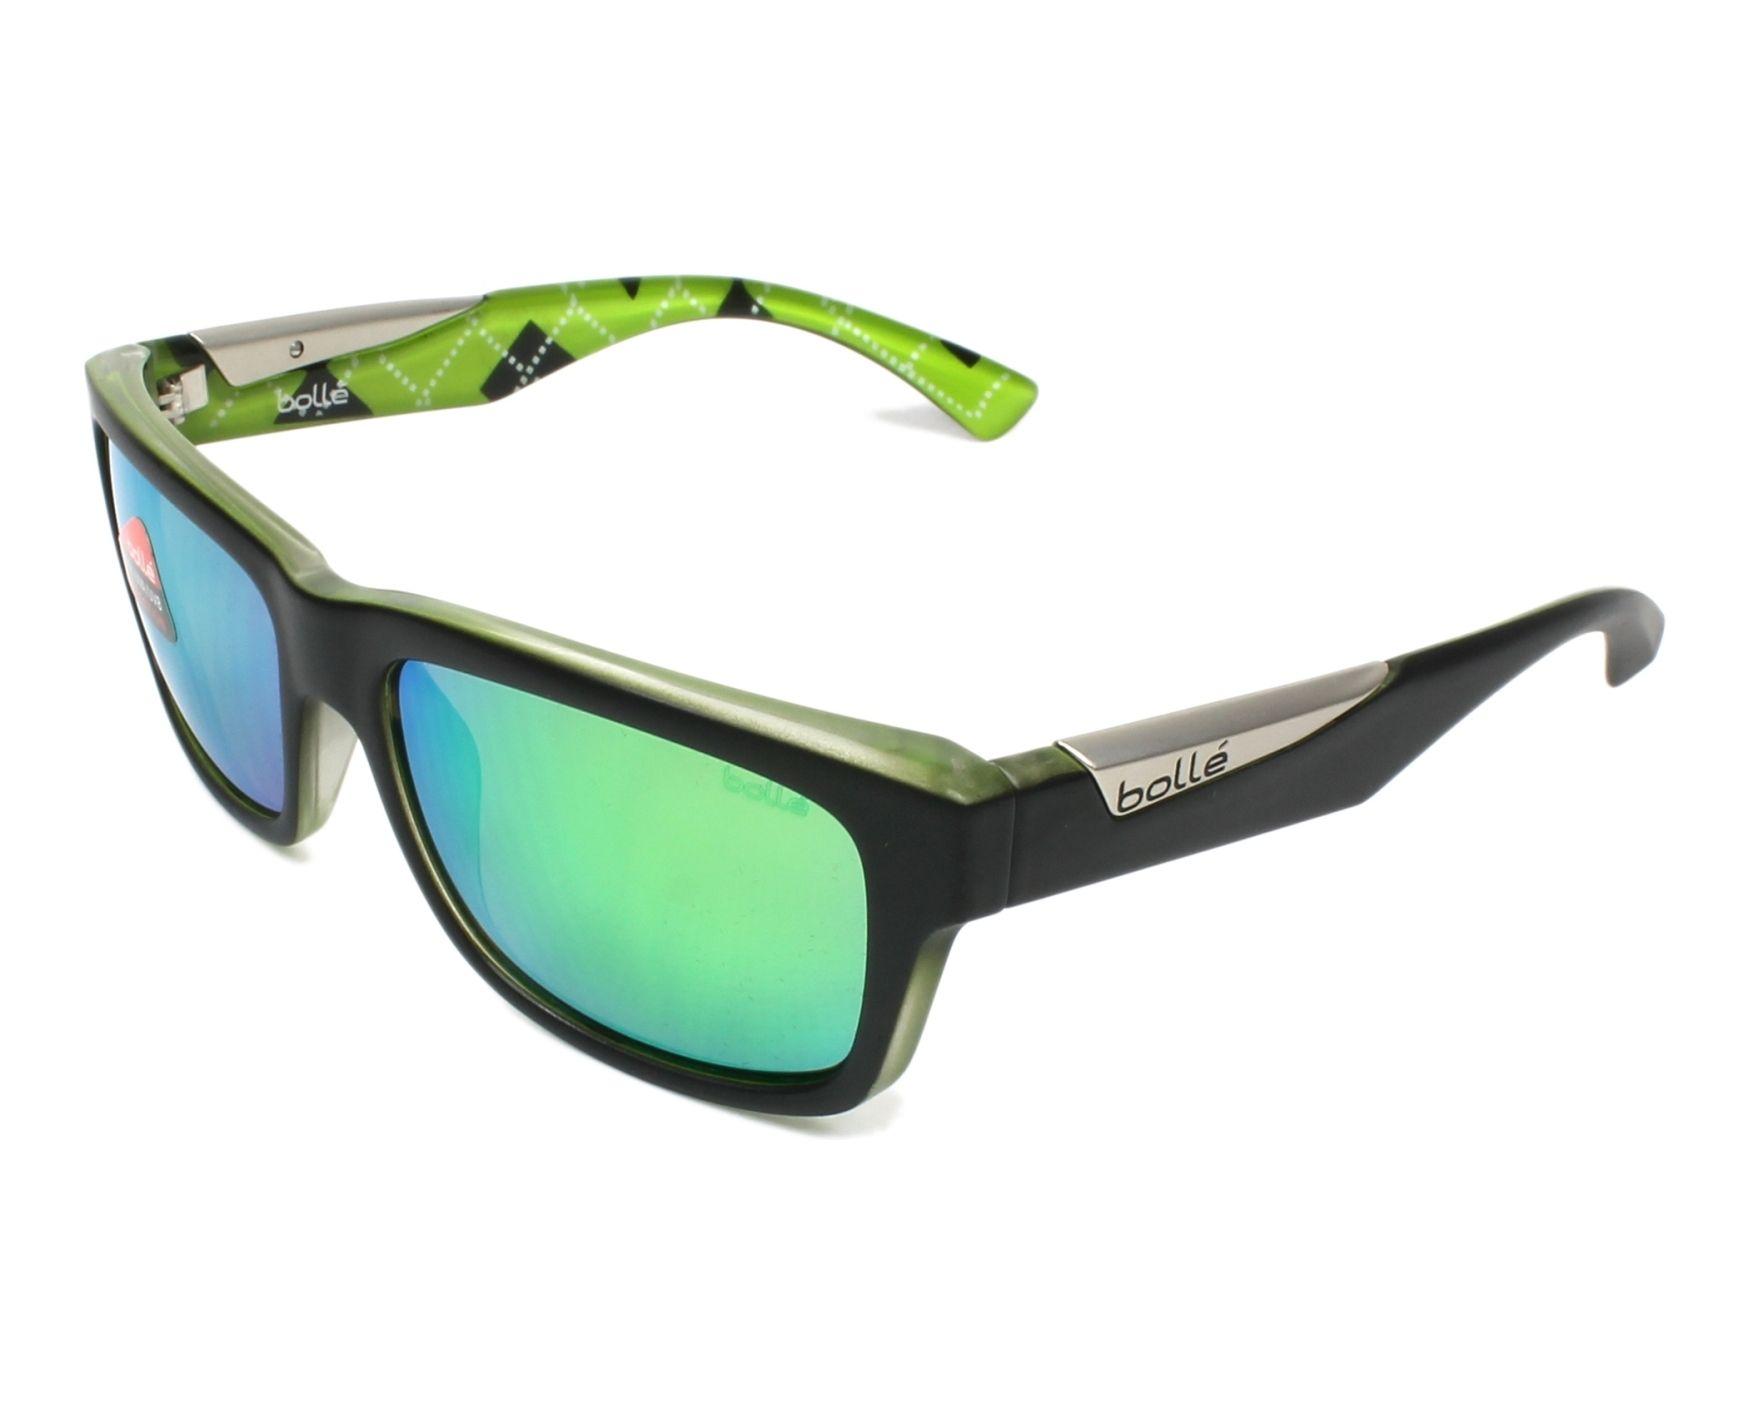 87199fcd62 Gafas de sol Bollé JUDE 11990 - Negra Cristal vista de perfil